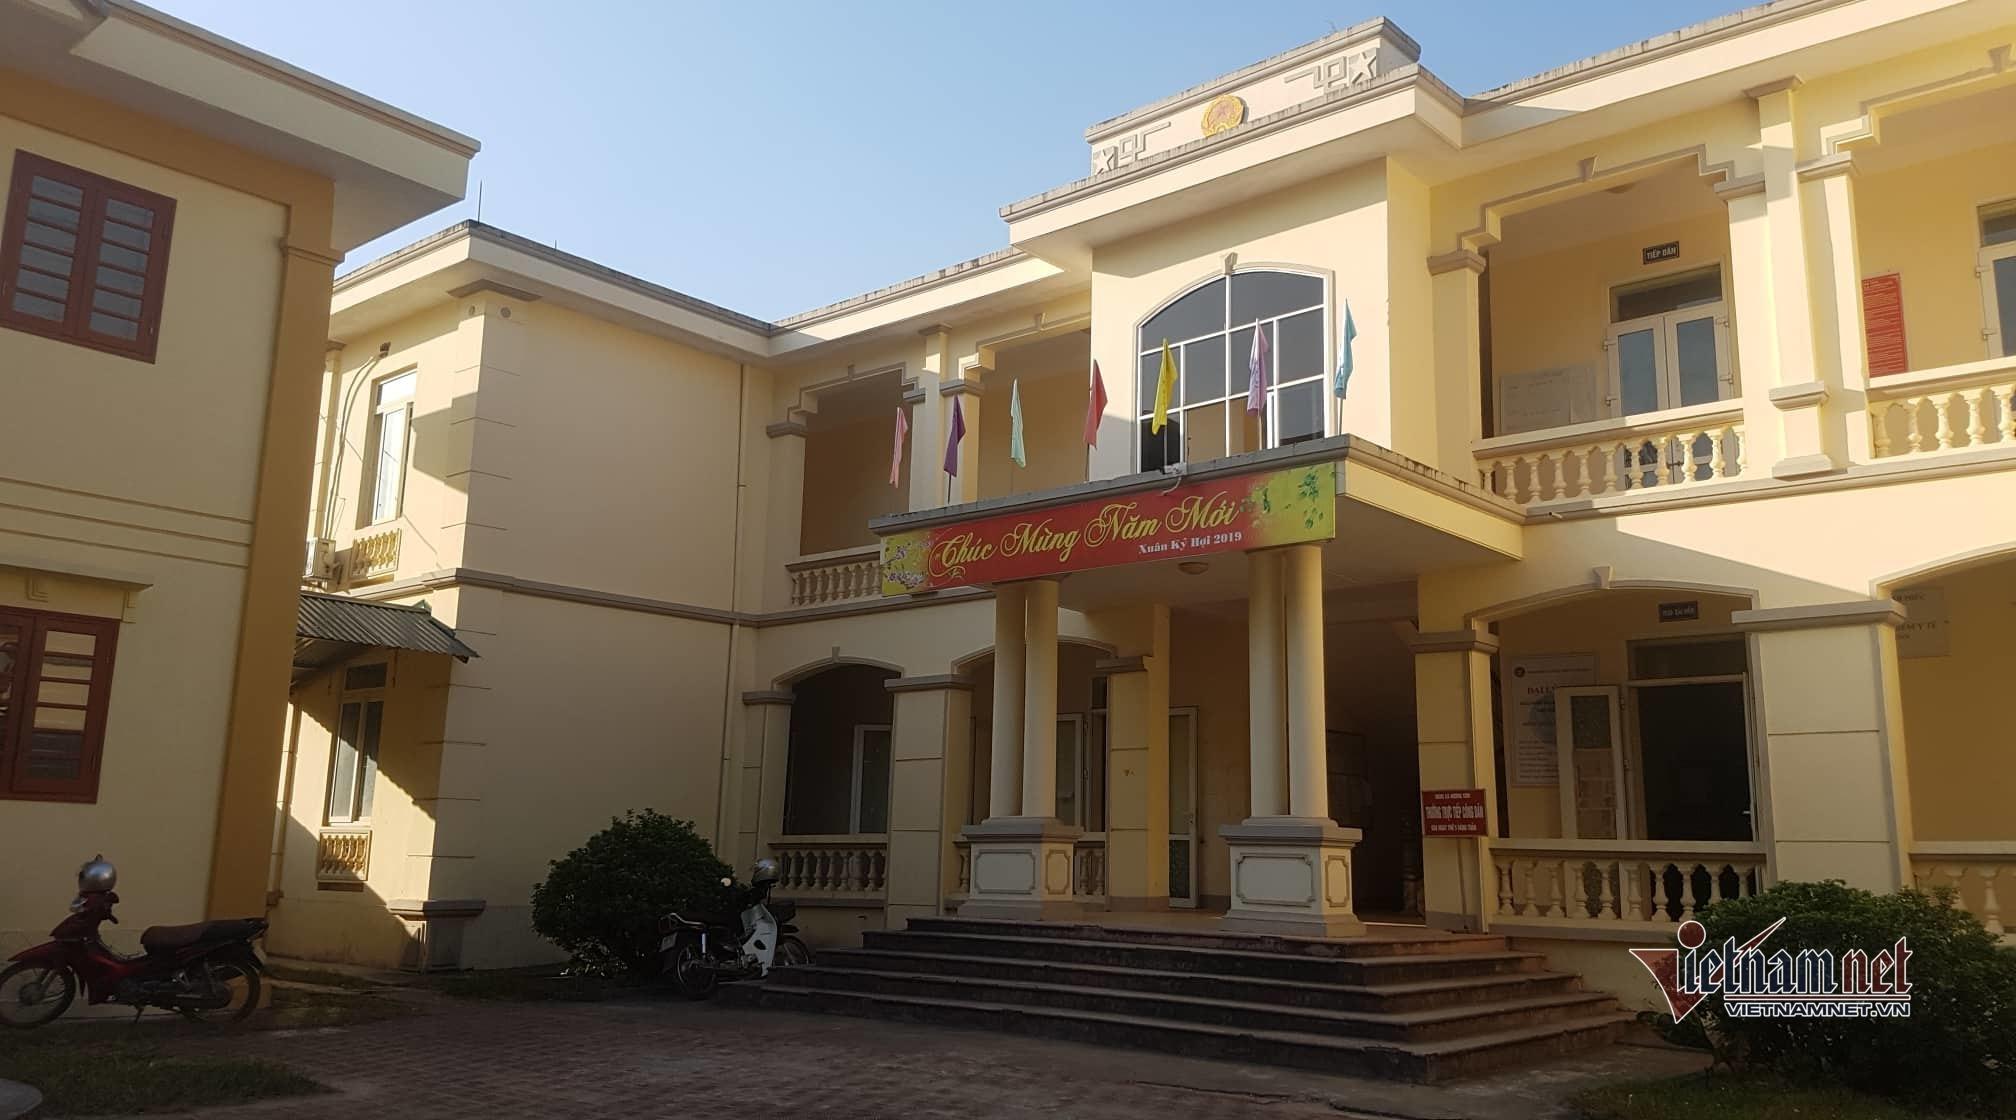 Bị tố bao che người nhà, Chủ tịch xã ở Vĩnh Phúc kêu 'đang ốm phải đi điều trị'